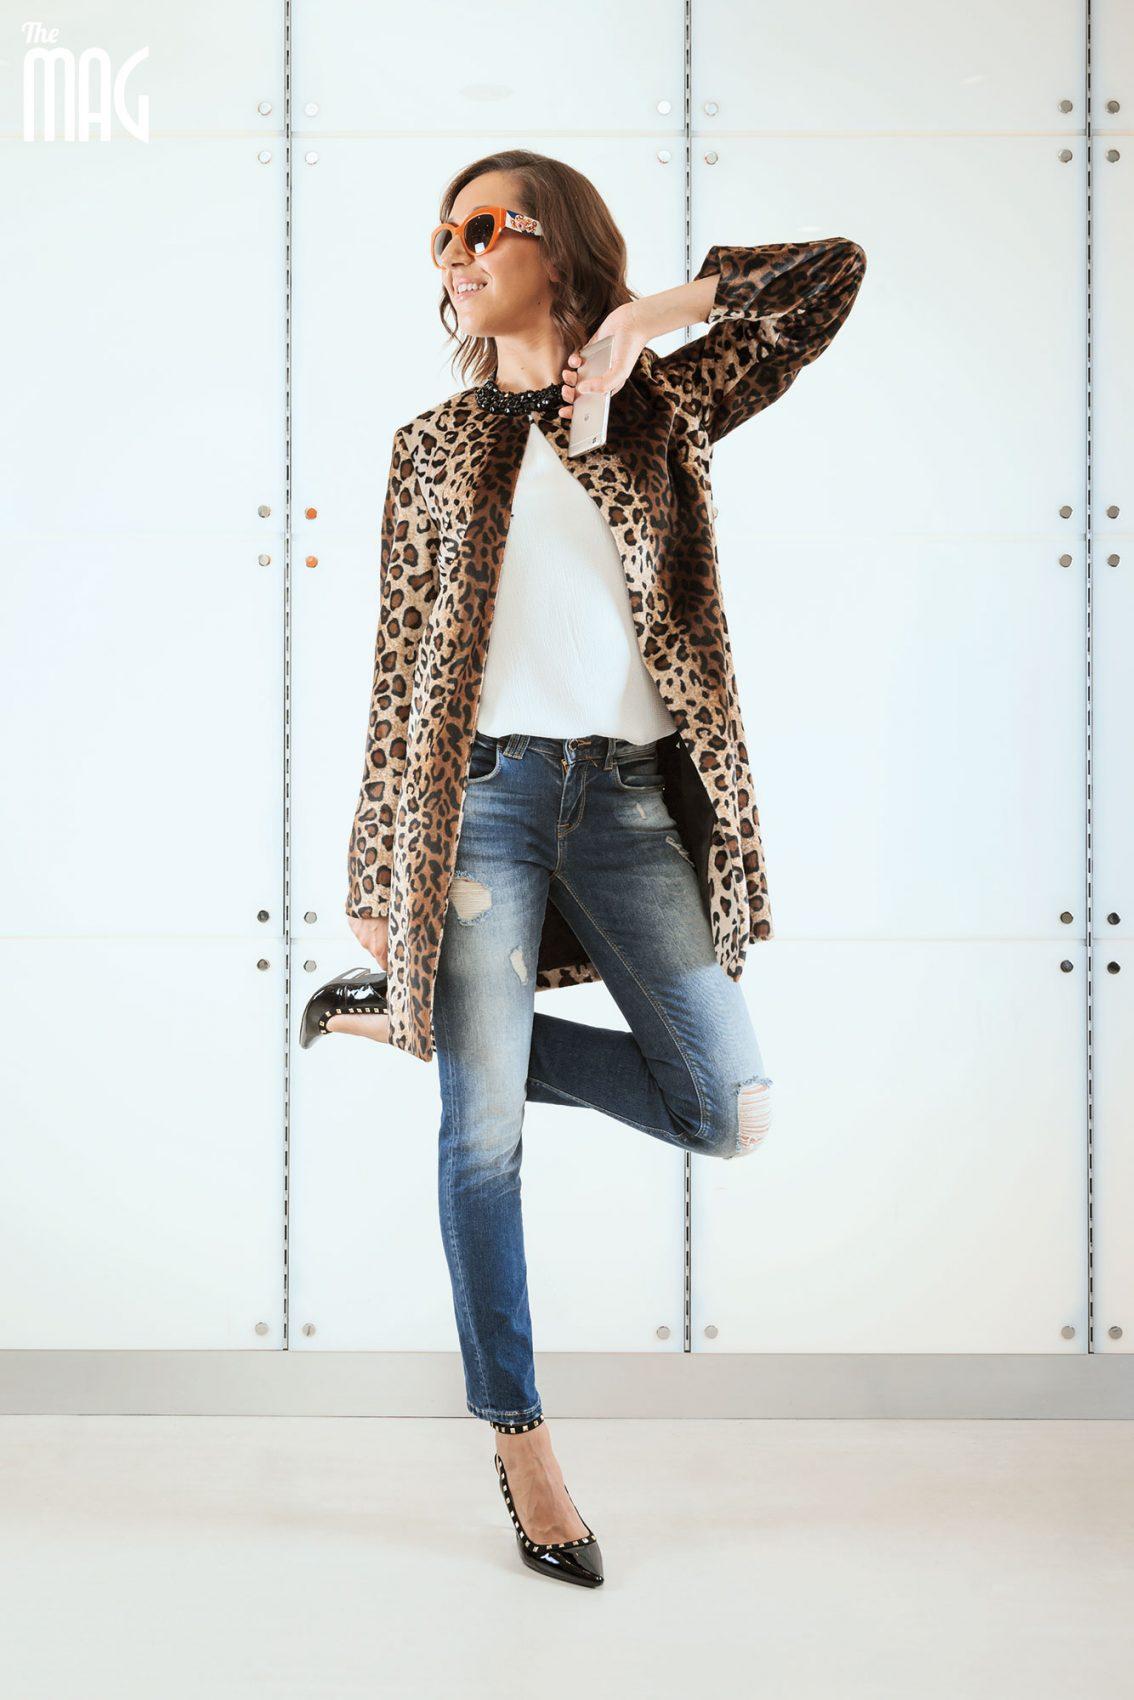 ABITI  Motivi Top bimaterico con pizzo; cappotto maculato; jeans straight leg; girocollo con pietre a fiore. SCARPE: Motivi décolleté con cinturino alla caviglia e borchie gold. - OCCHIALI: Ottica Dragoni - linea Dolce&Gabbana, modello: D&G 4278 3046/8g, realizzato in acetato e con le aste in legno di noce canaletto, Limited Edition. - TELEFONI: Barton 6 Huawei p8 lite smart - MAKE UP: Limoni HAIR: Armonie